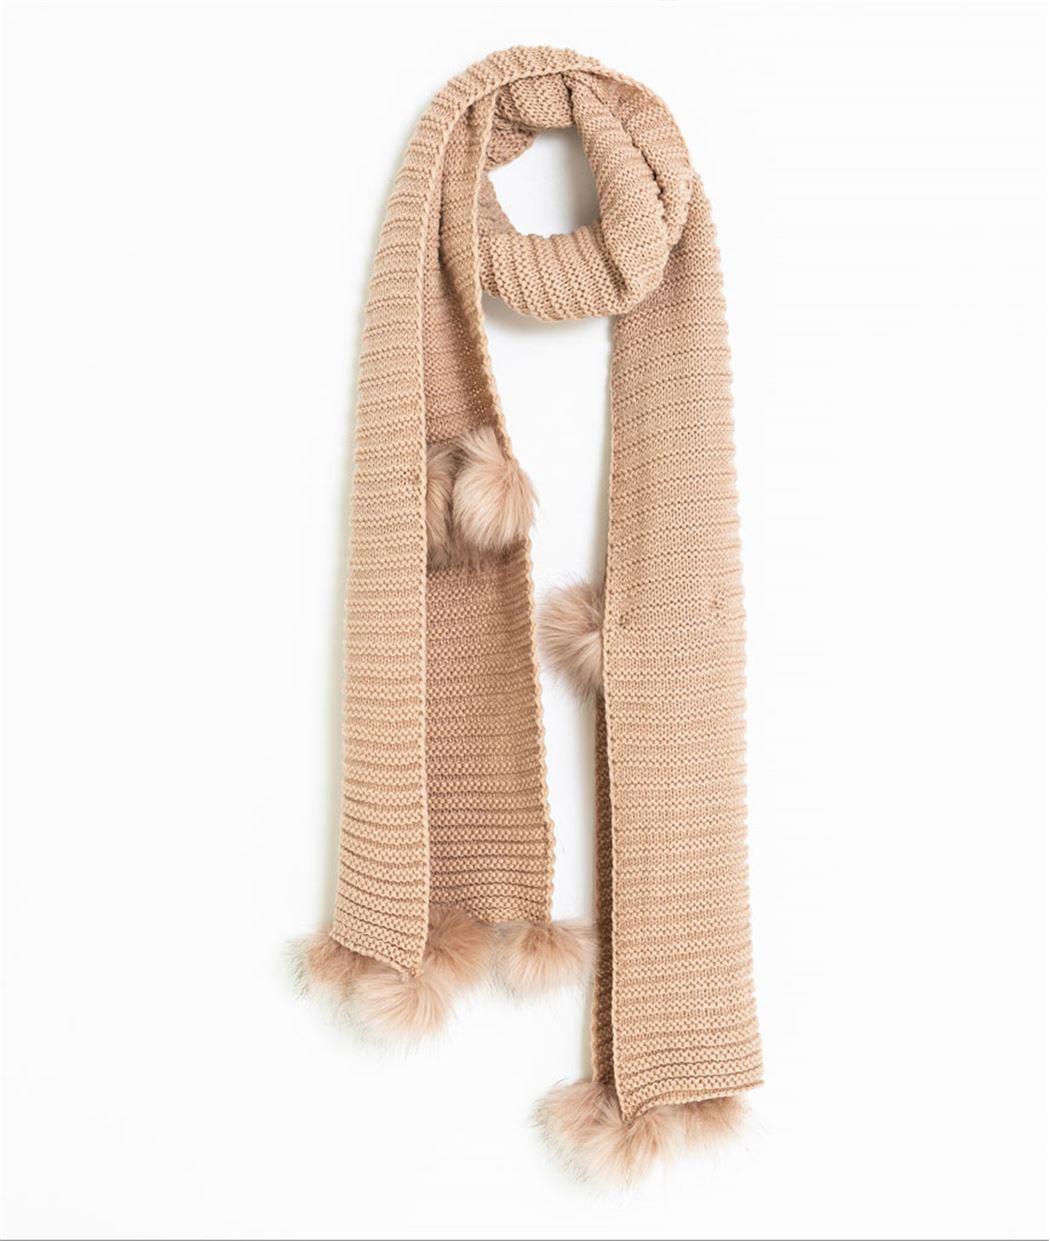 0113c56512d Echarpe femme avec pompons VIEUX ROSE - Grain de Malice